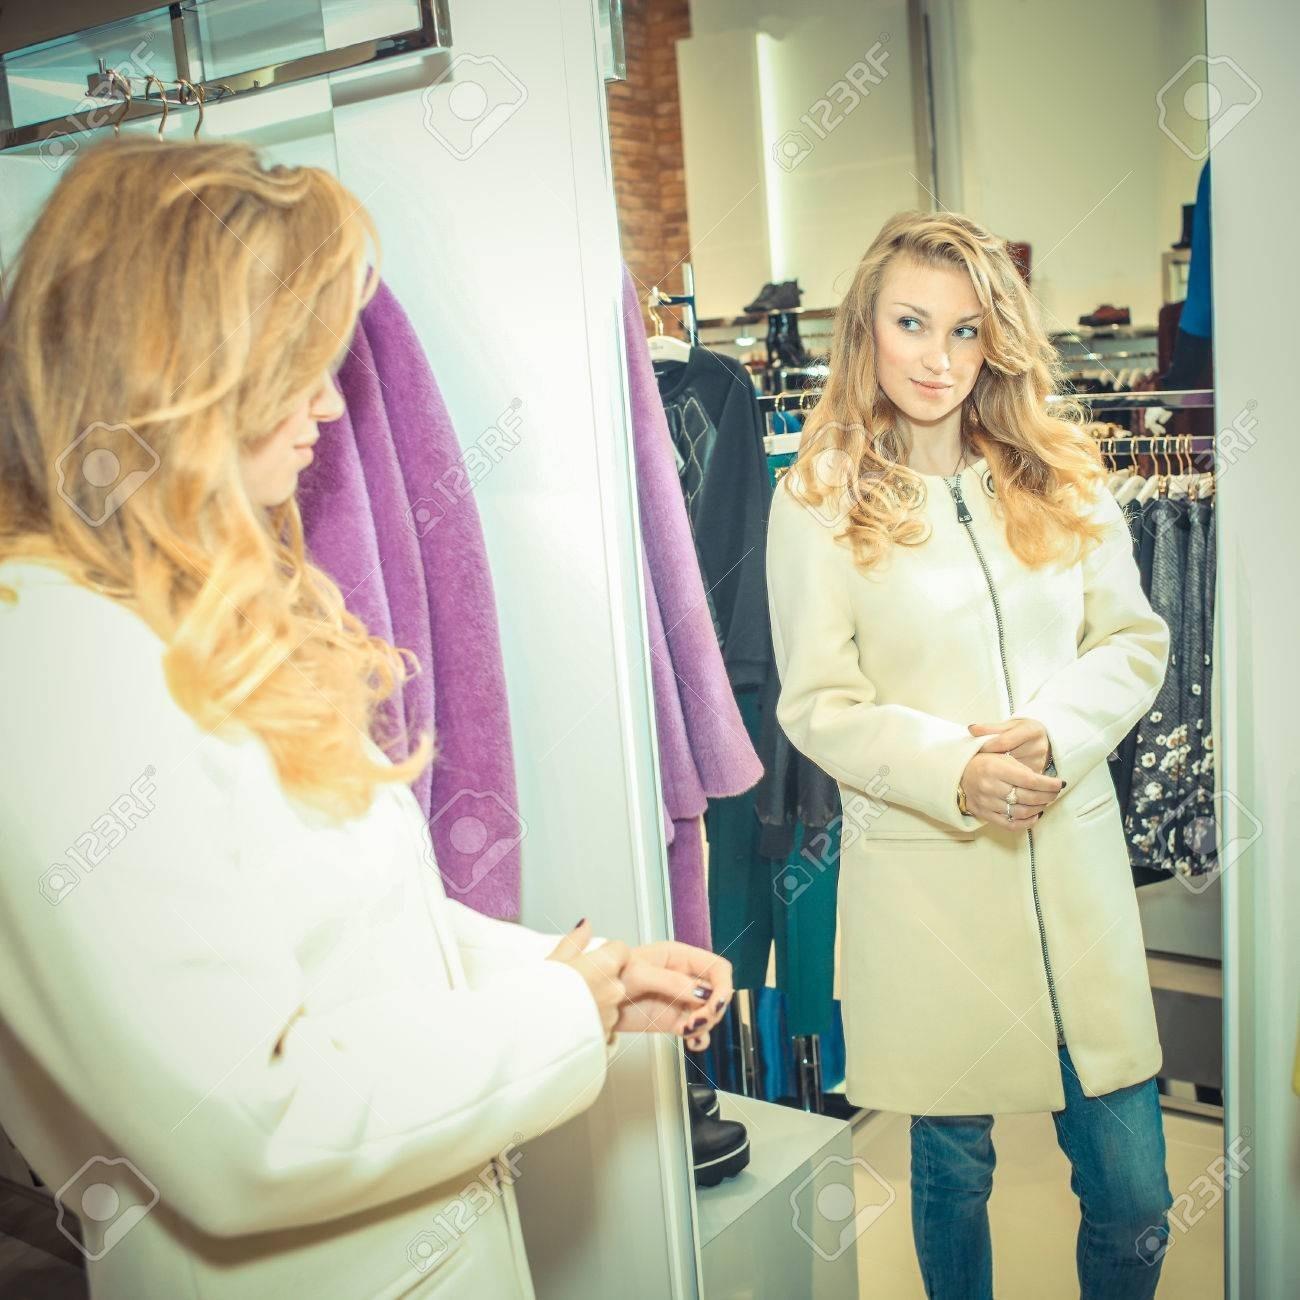 10 Schön Schöne Kleidung VertriebFormal Genial Schöne Kleidung Stylish